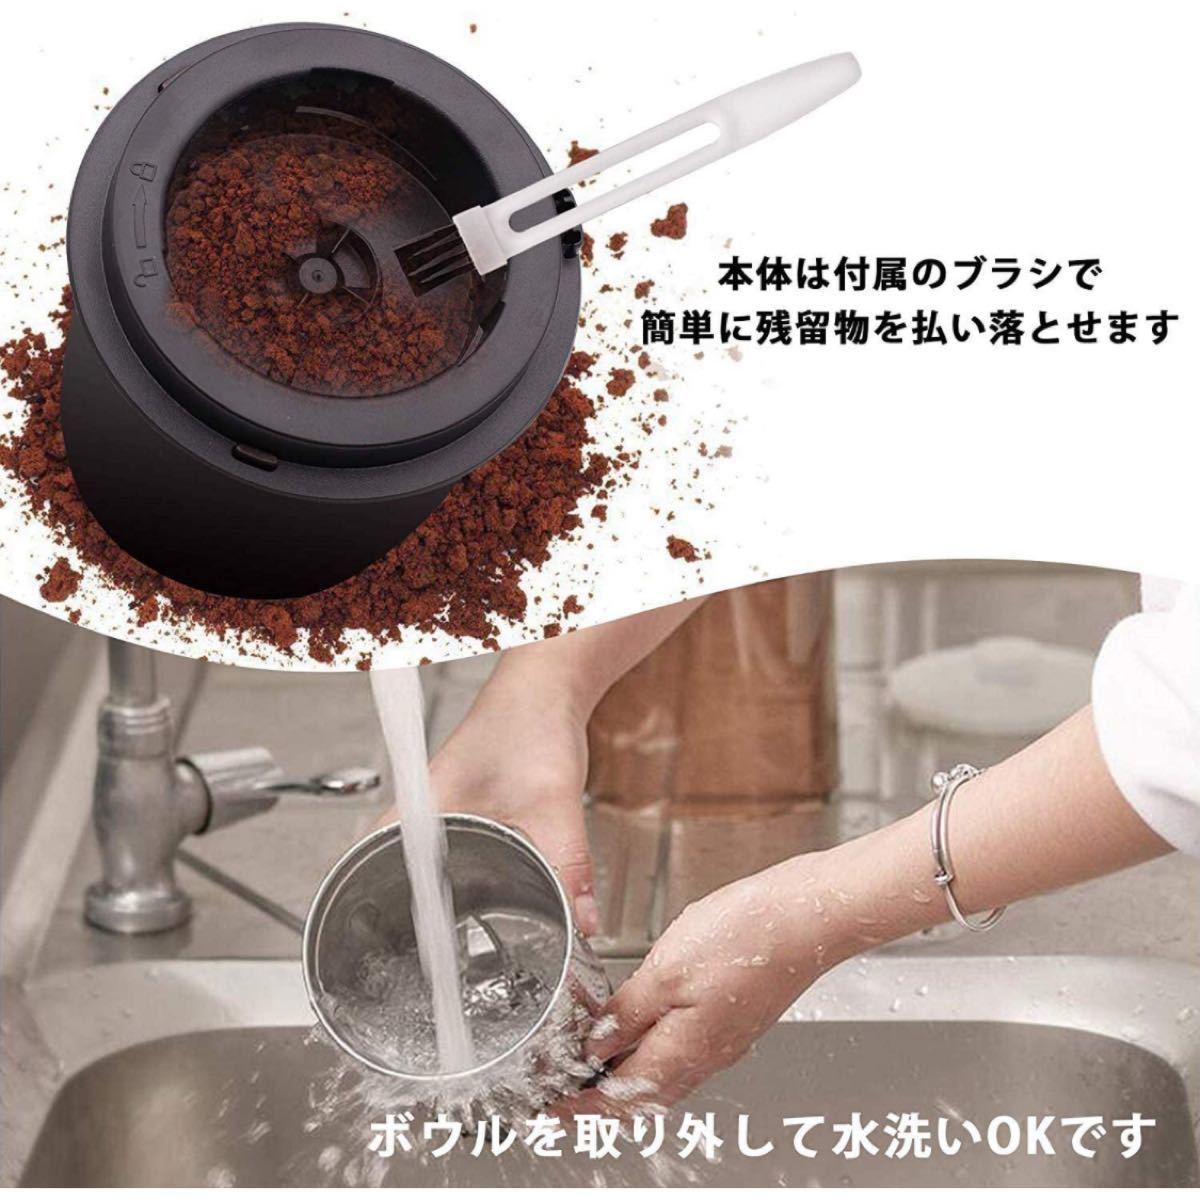 【1台あると便利】コーヒーミル 電動 コーヒーグラインダー ワンタッチで自動挽き